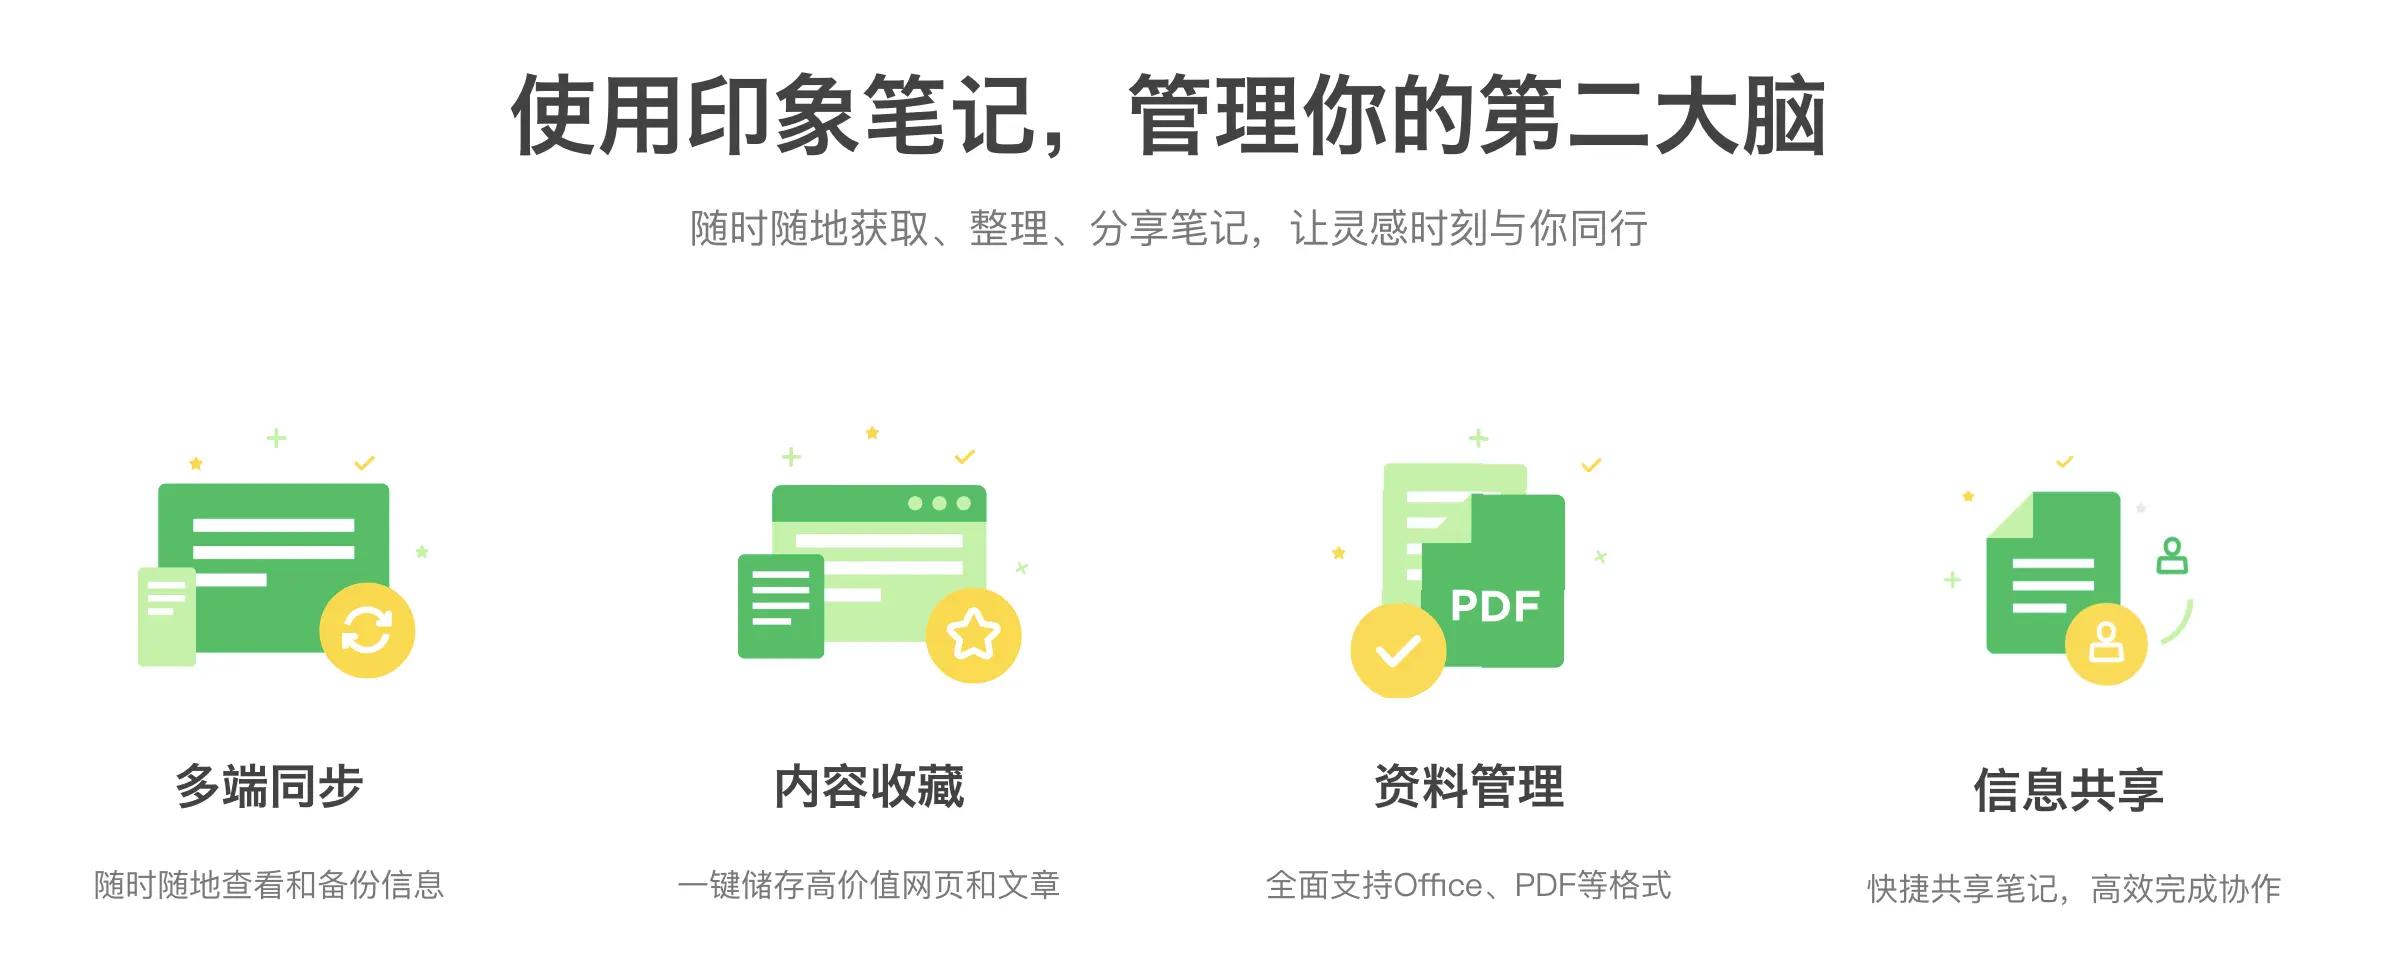 印象笔记官网介绍